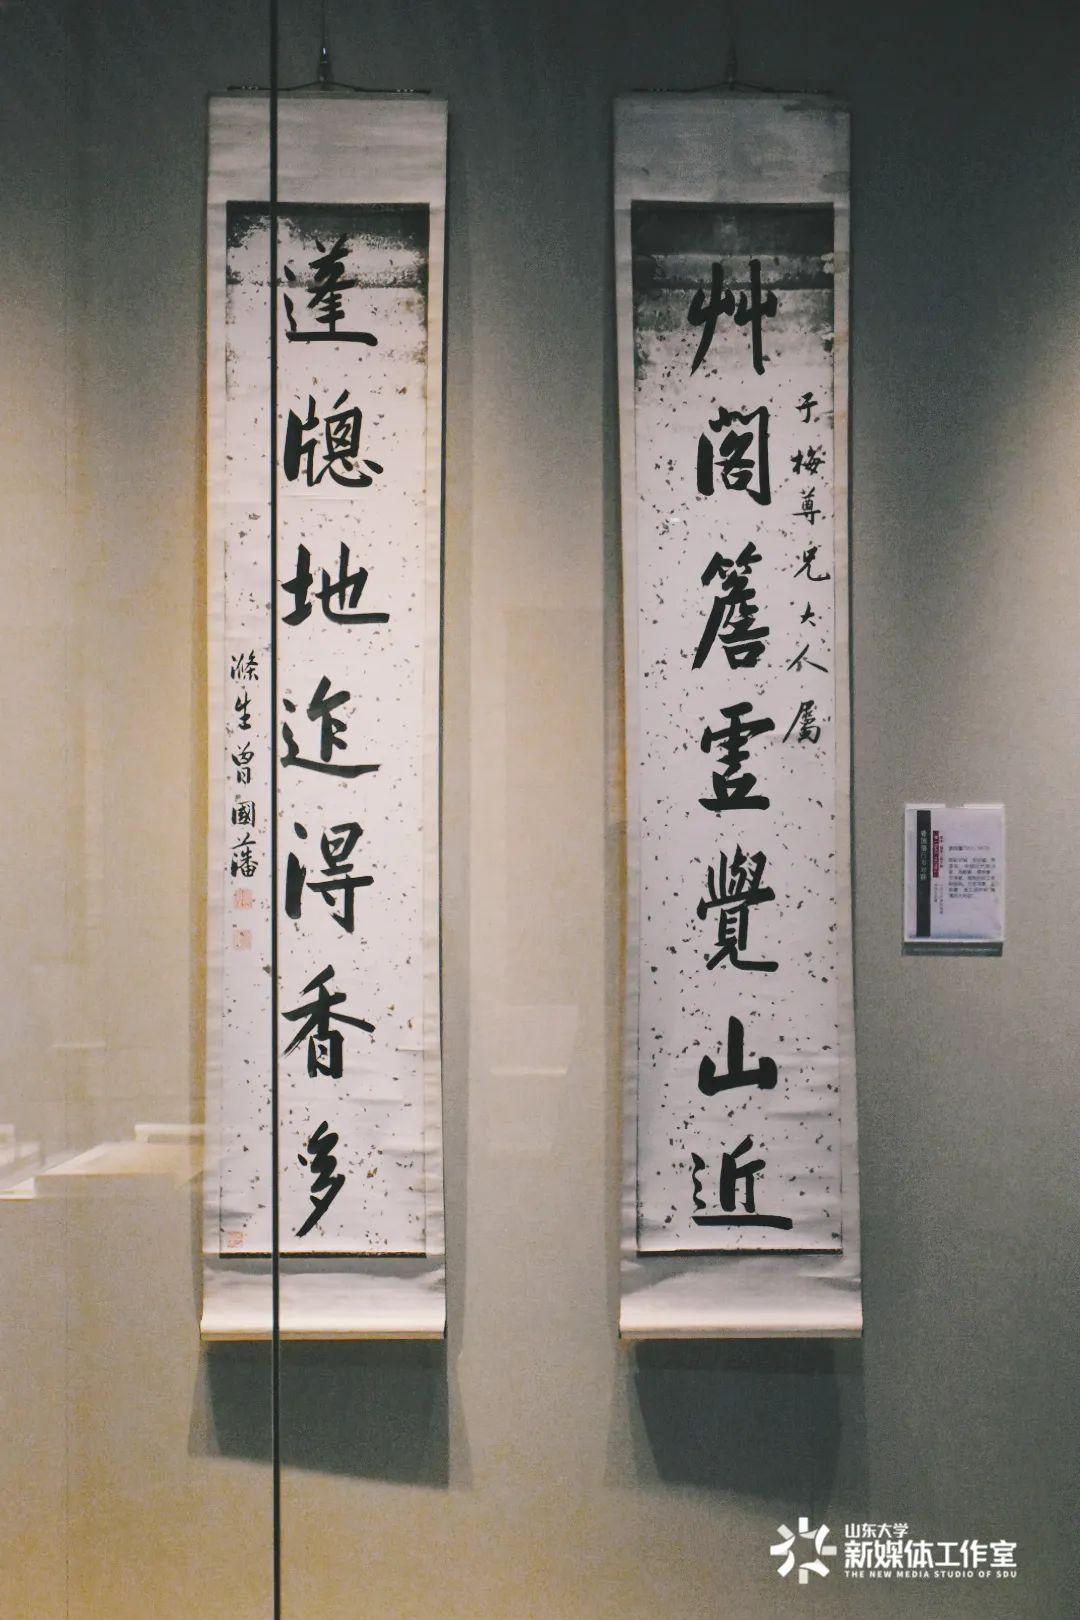 如果文物会说话?快来走进青岛校区博物馆